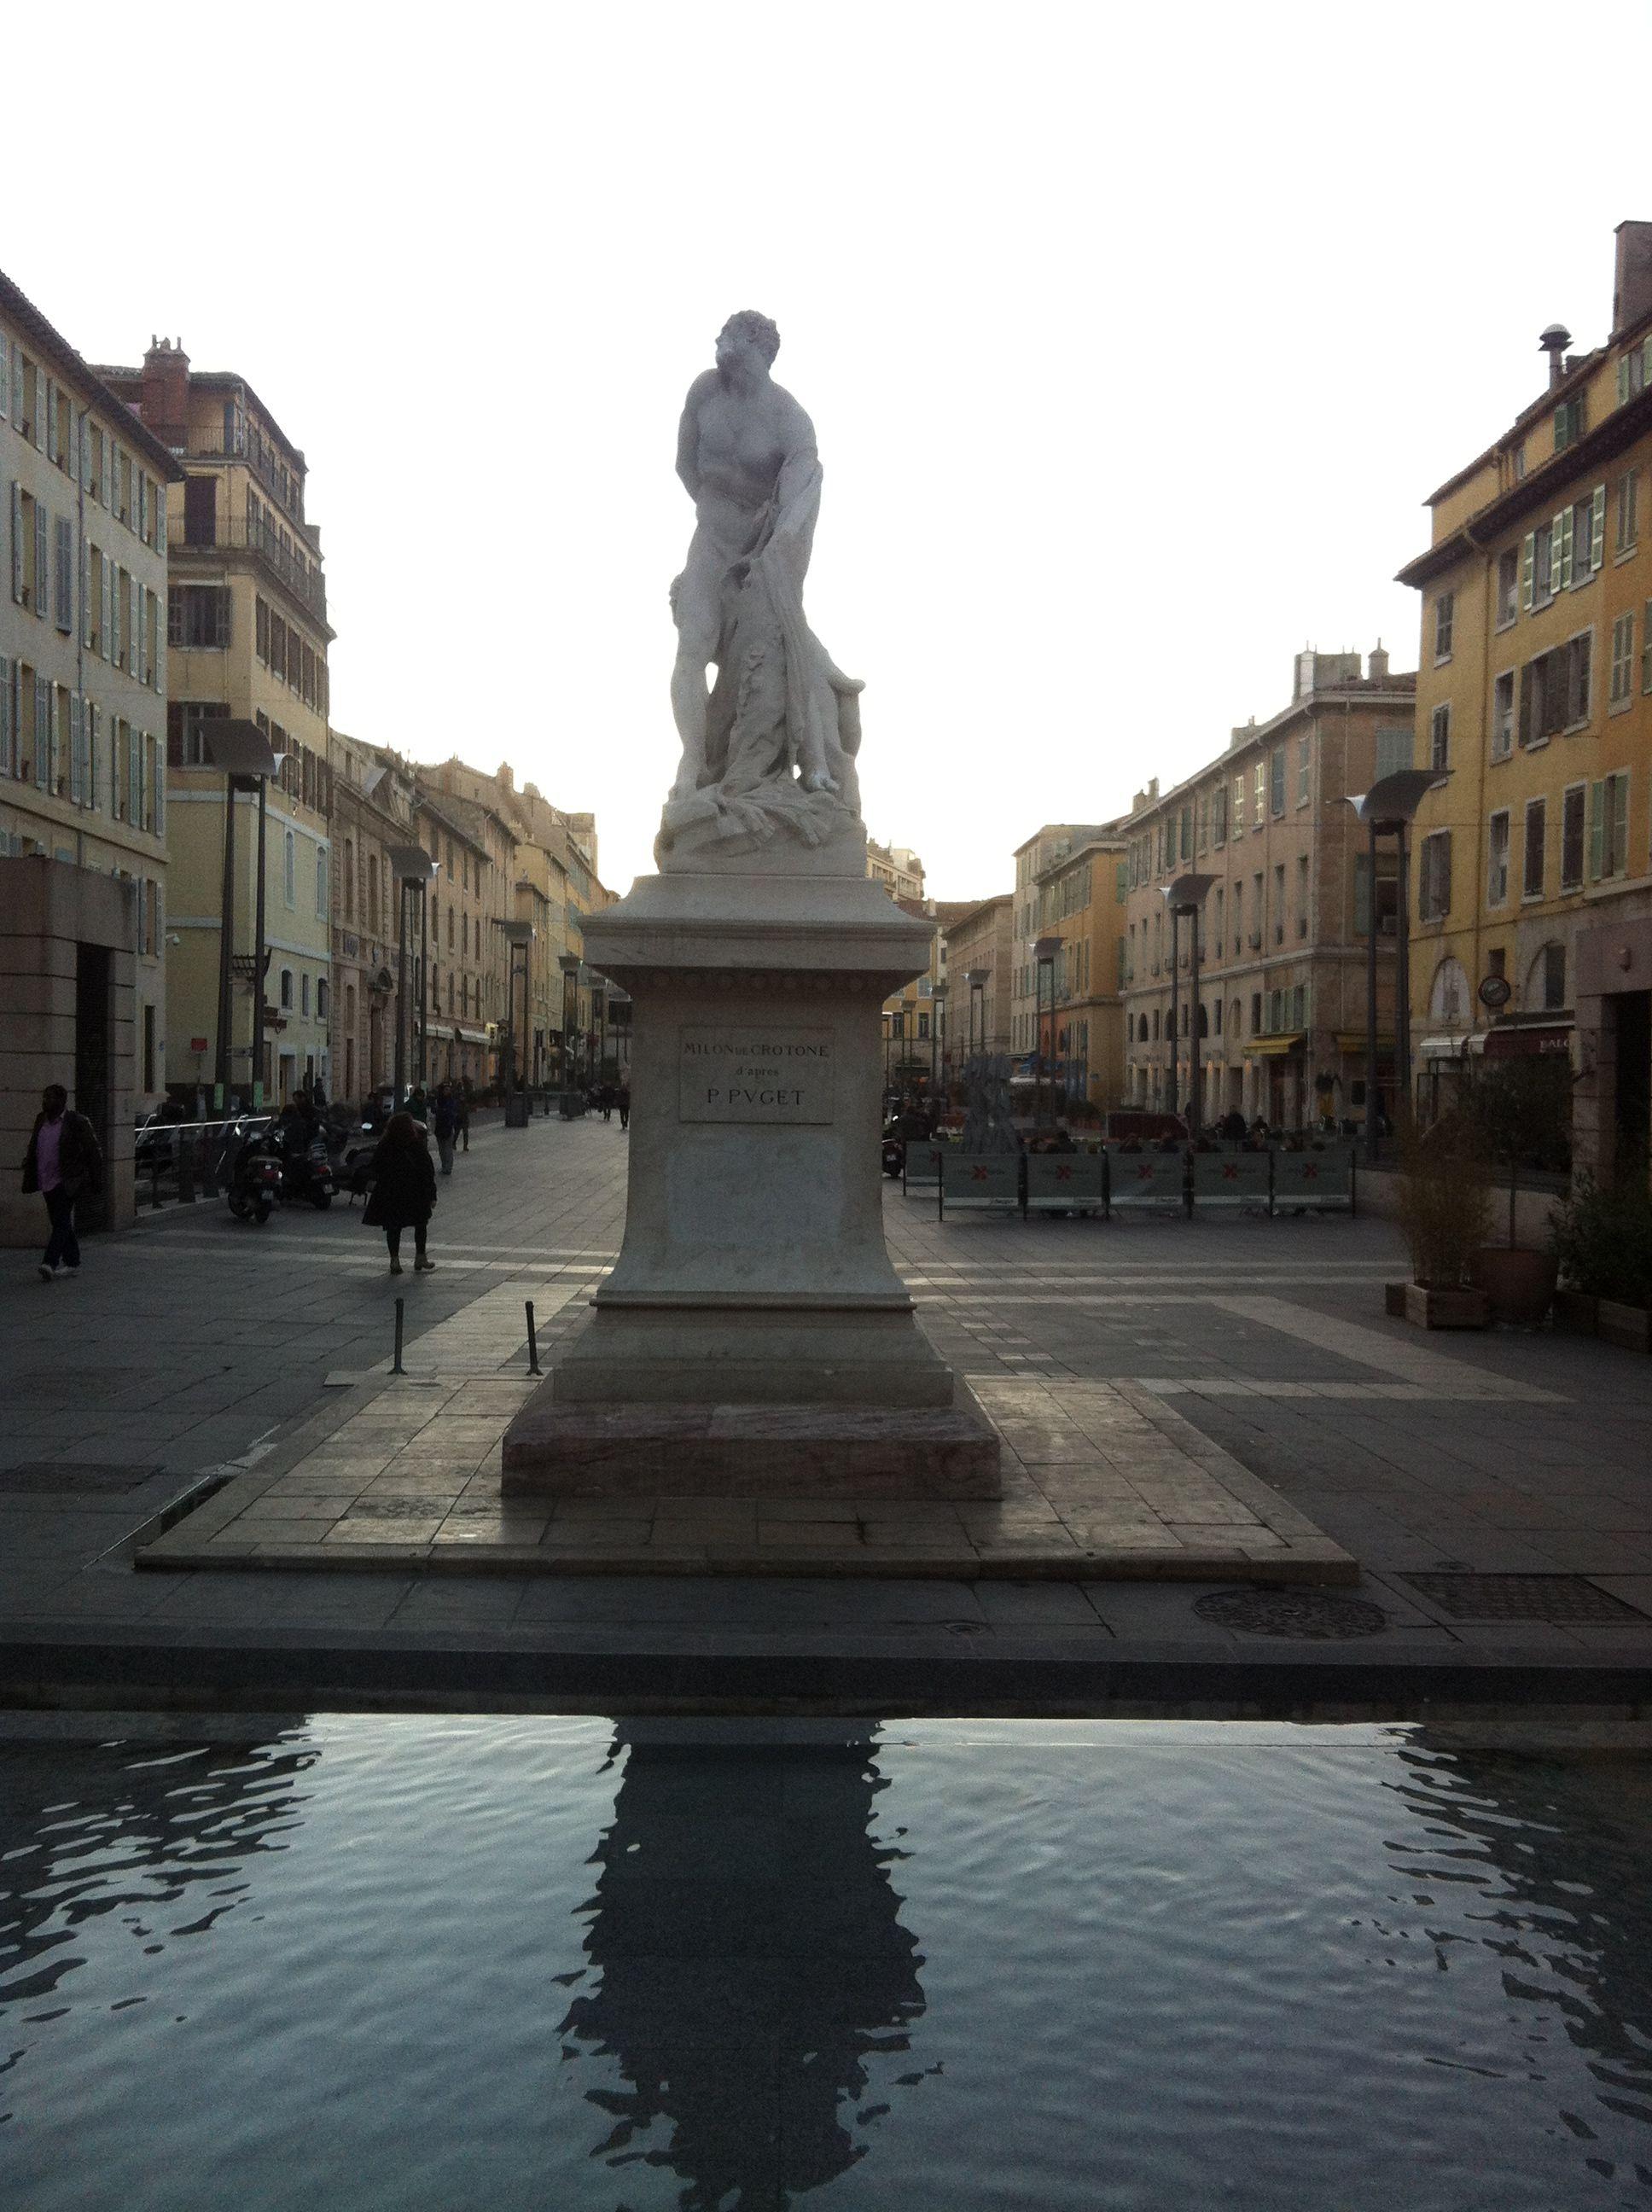 Milone Di Crotone Il Piu Forte Degli Uomini Marsiglia Via